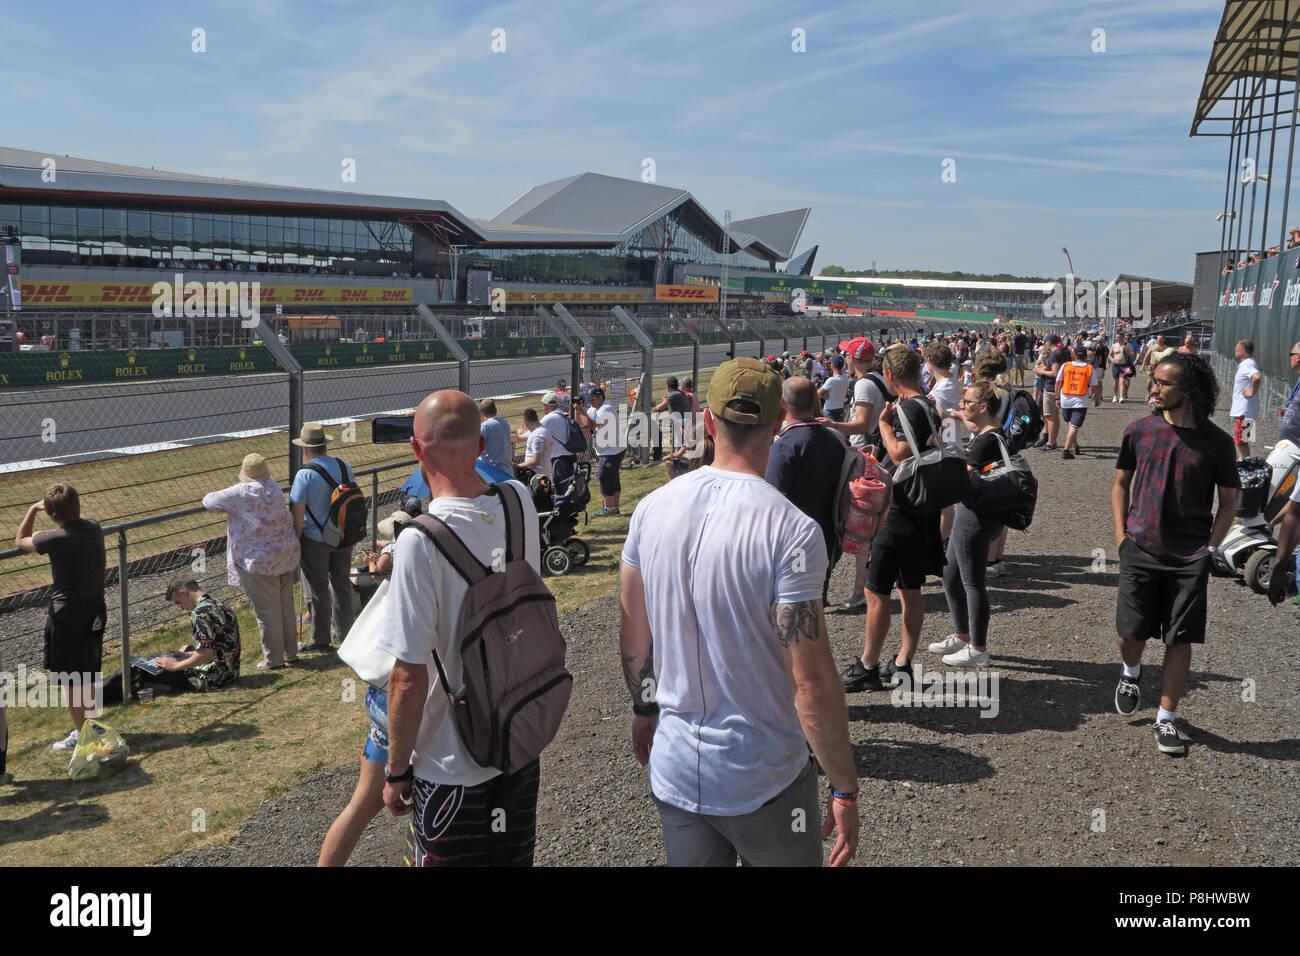 Dieses Stockfoto: Silverstone Formel 1 und Stehplatz Zuschauer, Northamptonshire, West Midlands, England, Großbritannien - P8HWBW